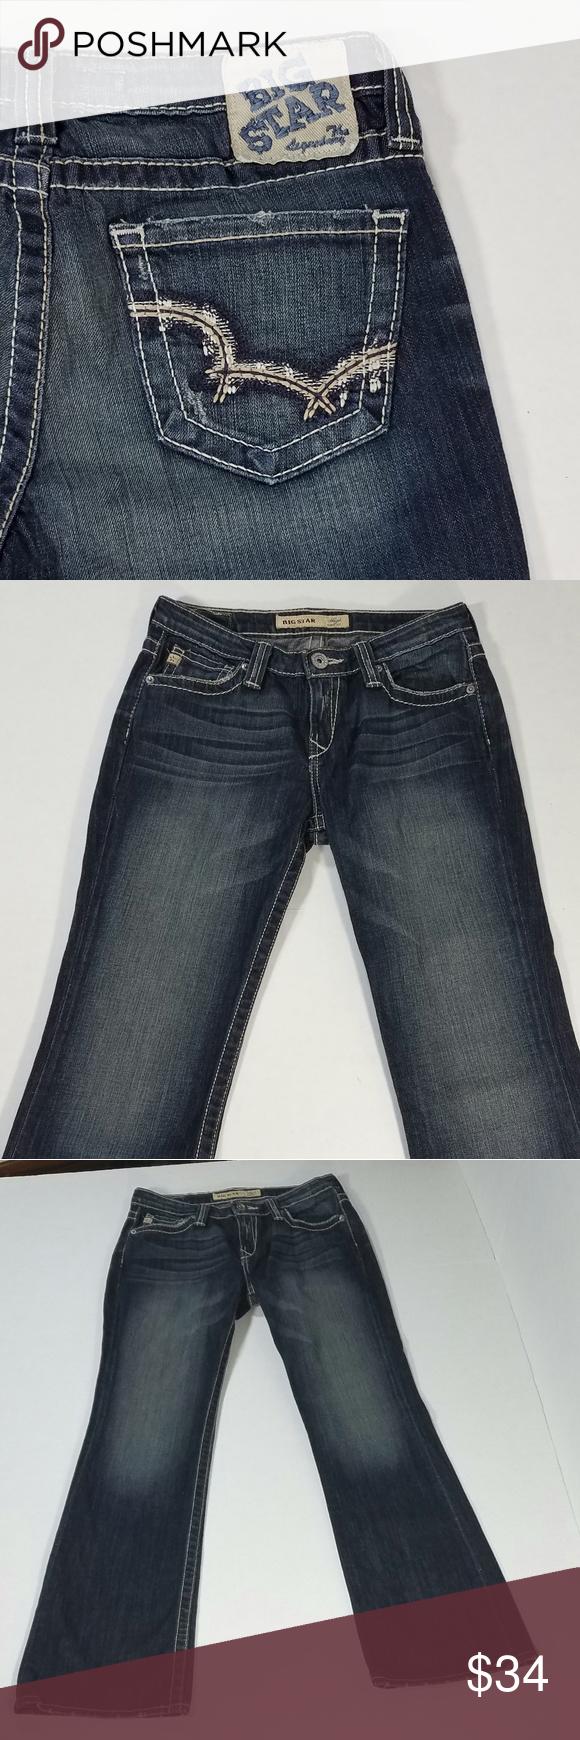 984354dd76d Big Star Hazel Curvy Fit Bootcut Jeans Size 27 Big Star Hazel Curvy Fit  Bootcut Jeans